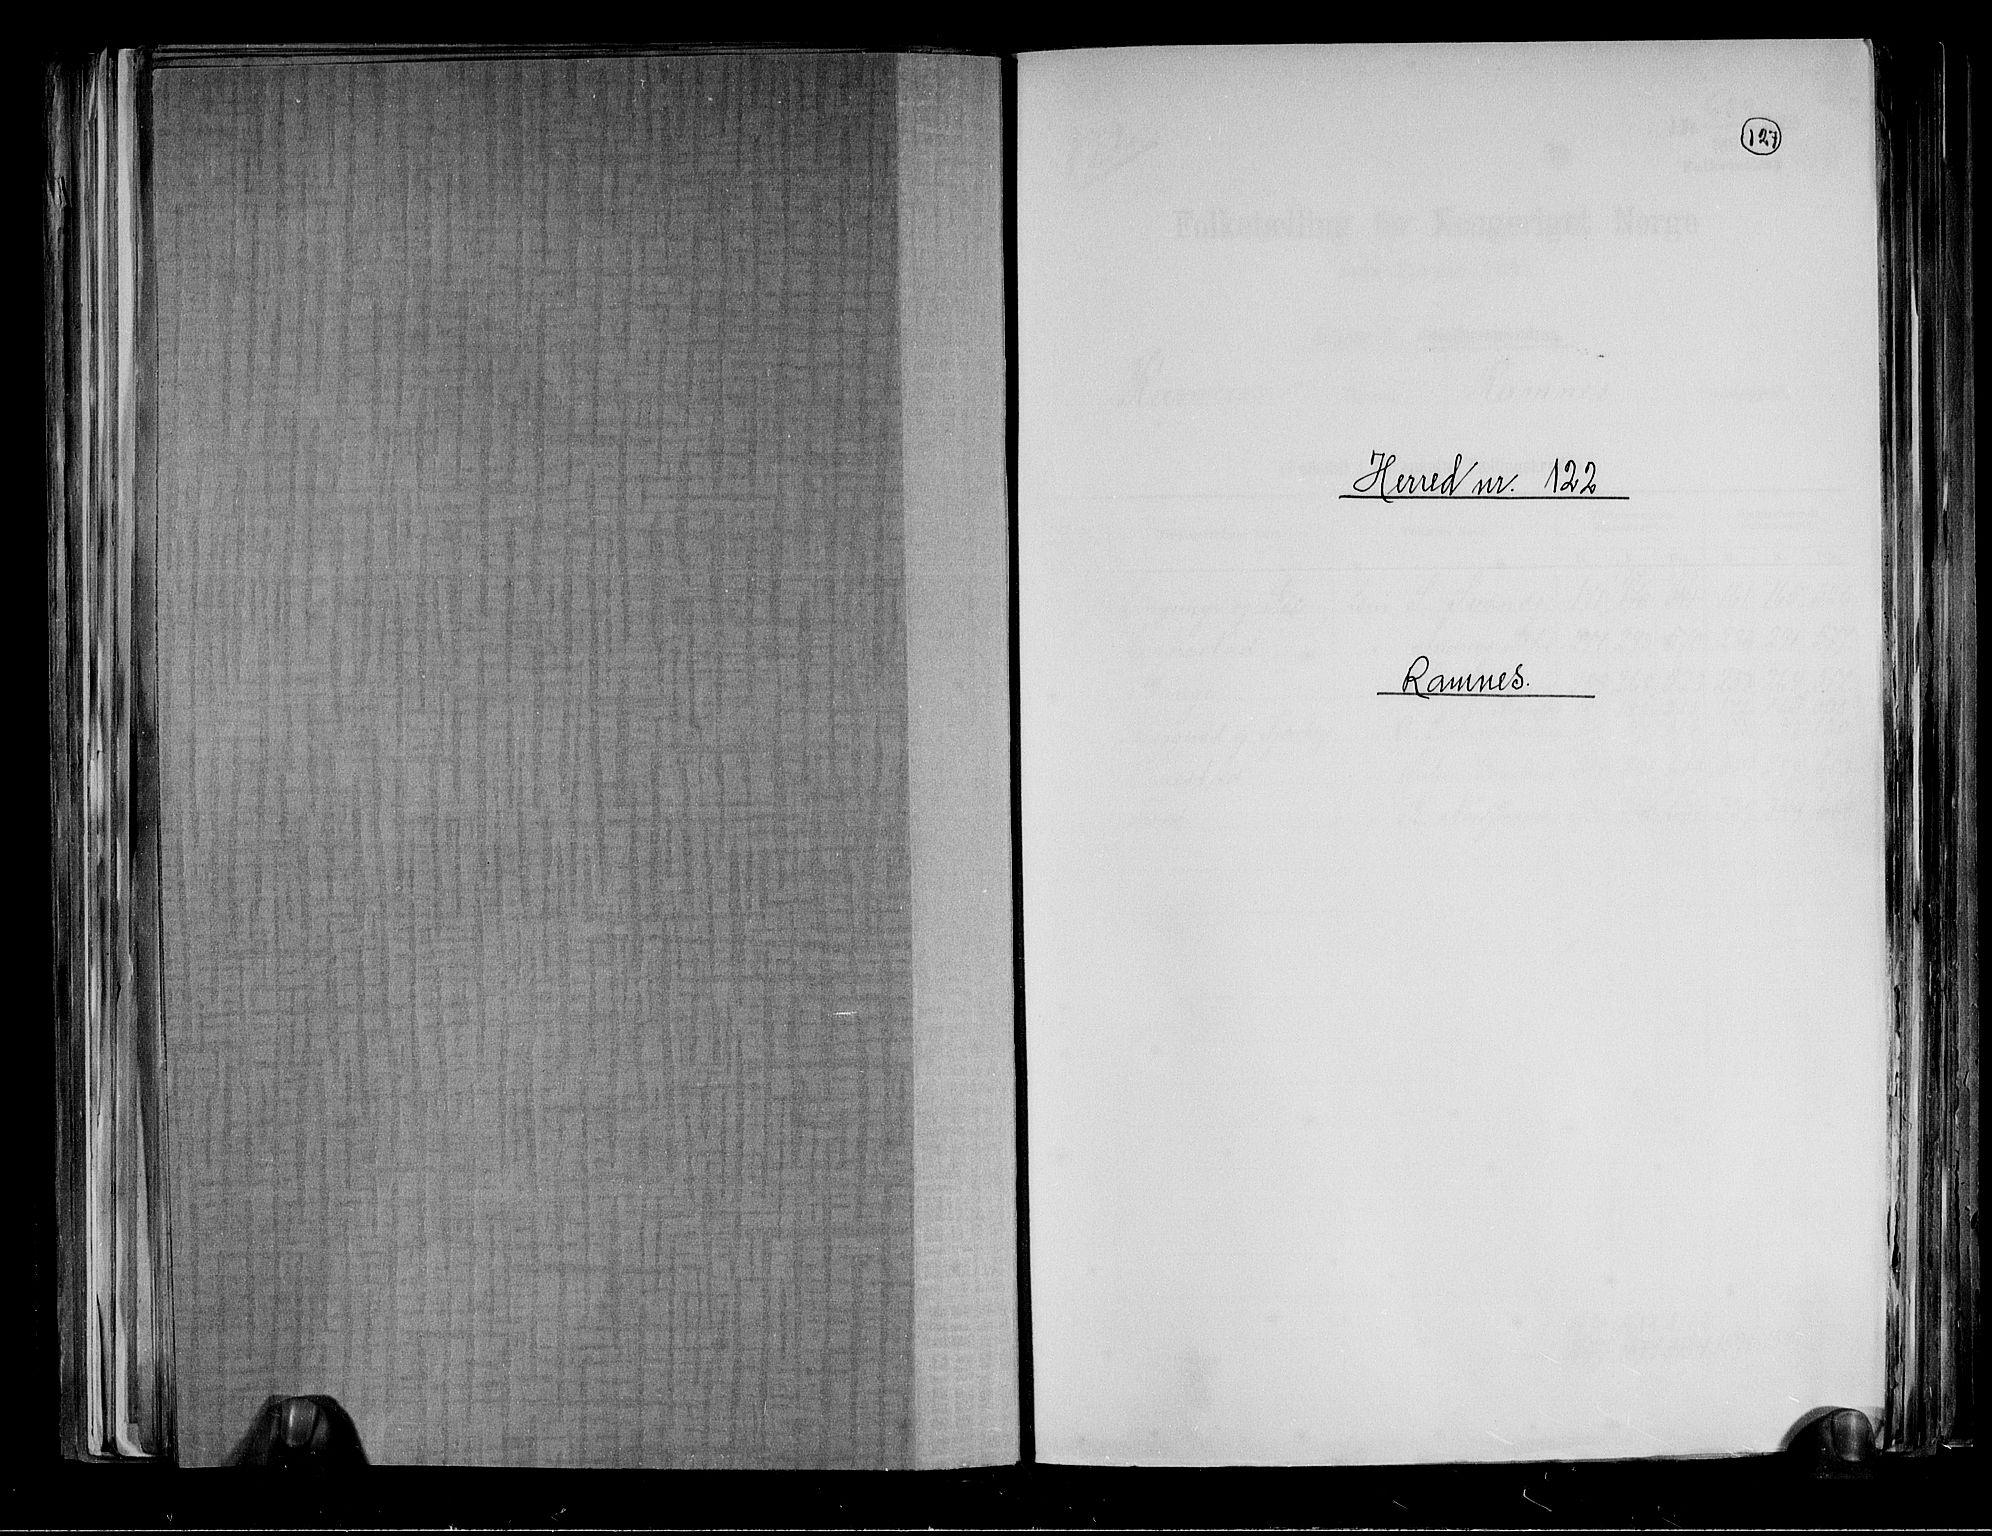 RA, Folketelling 1891 for 0718 Ramnes herred, 1891, s. 1